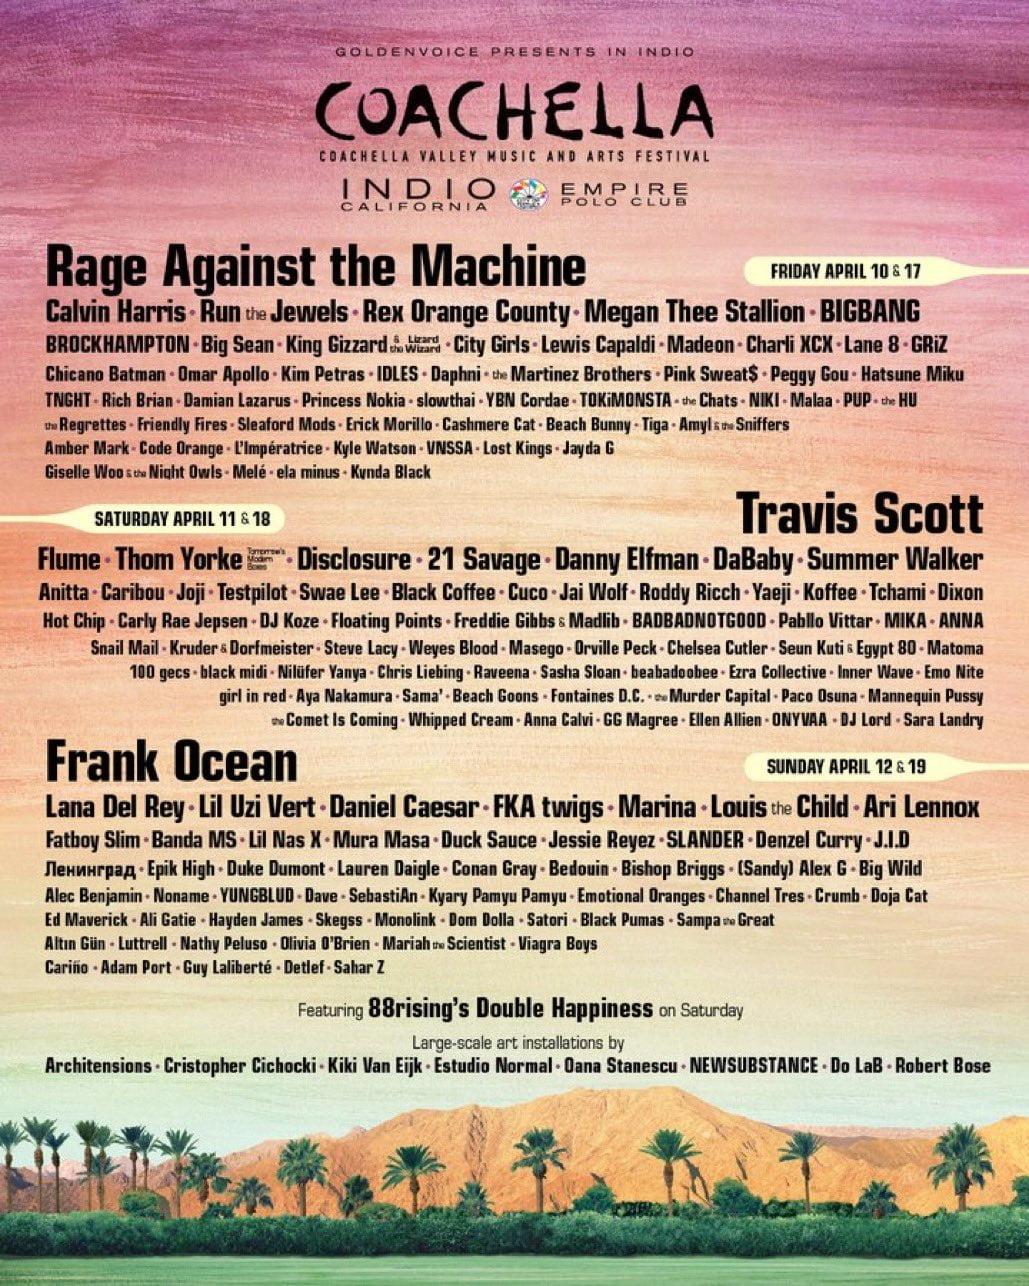 Coachella 2020 line-up revealed